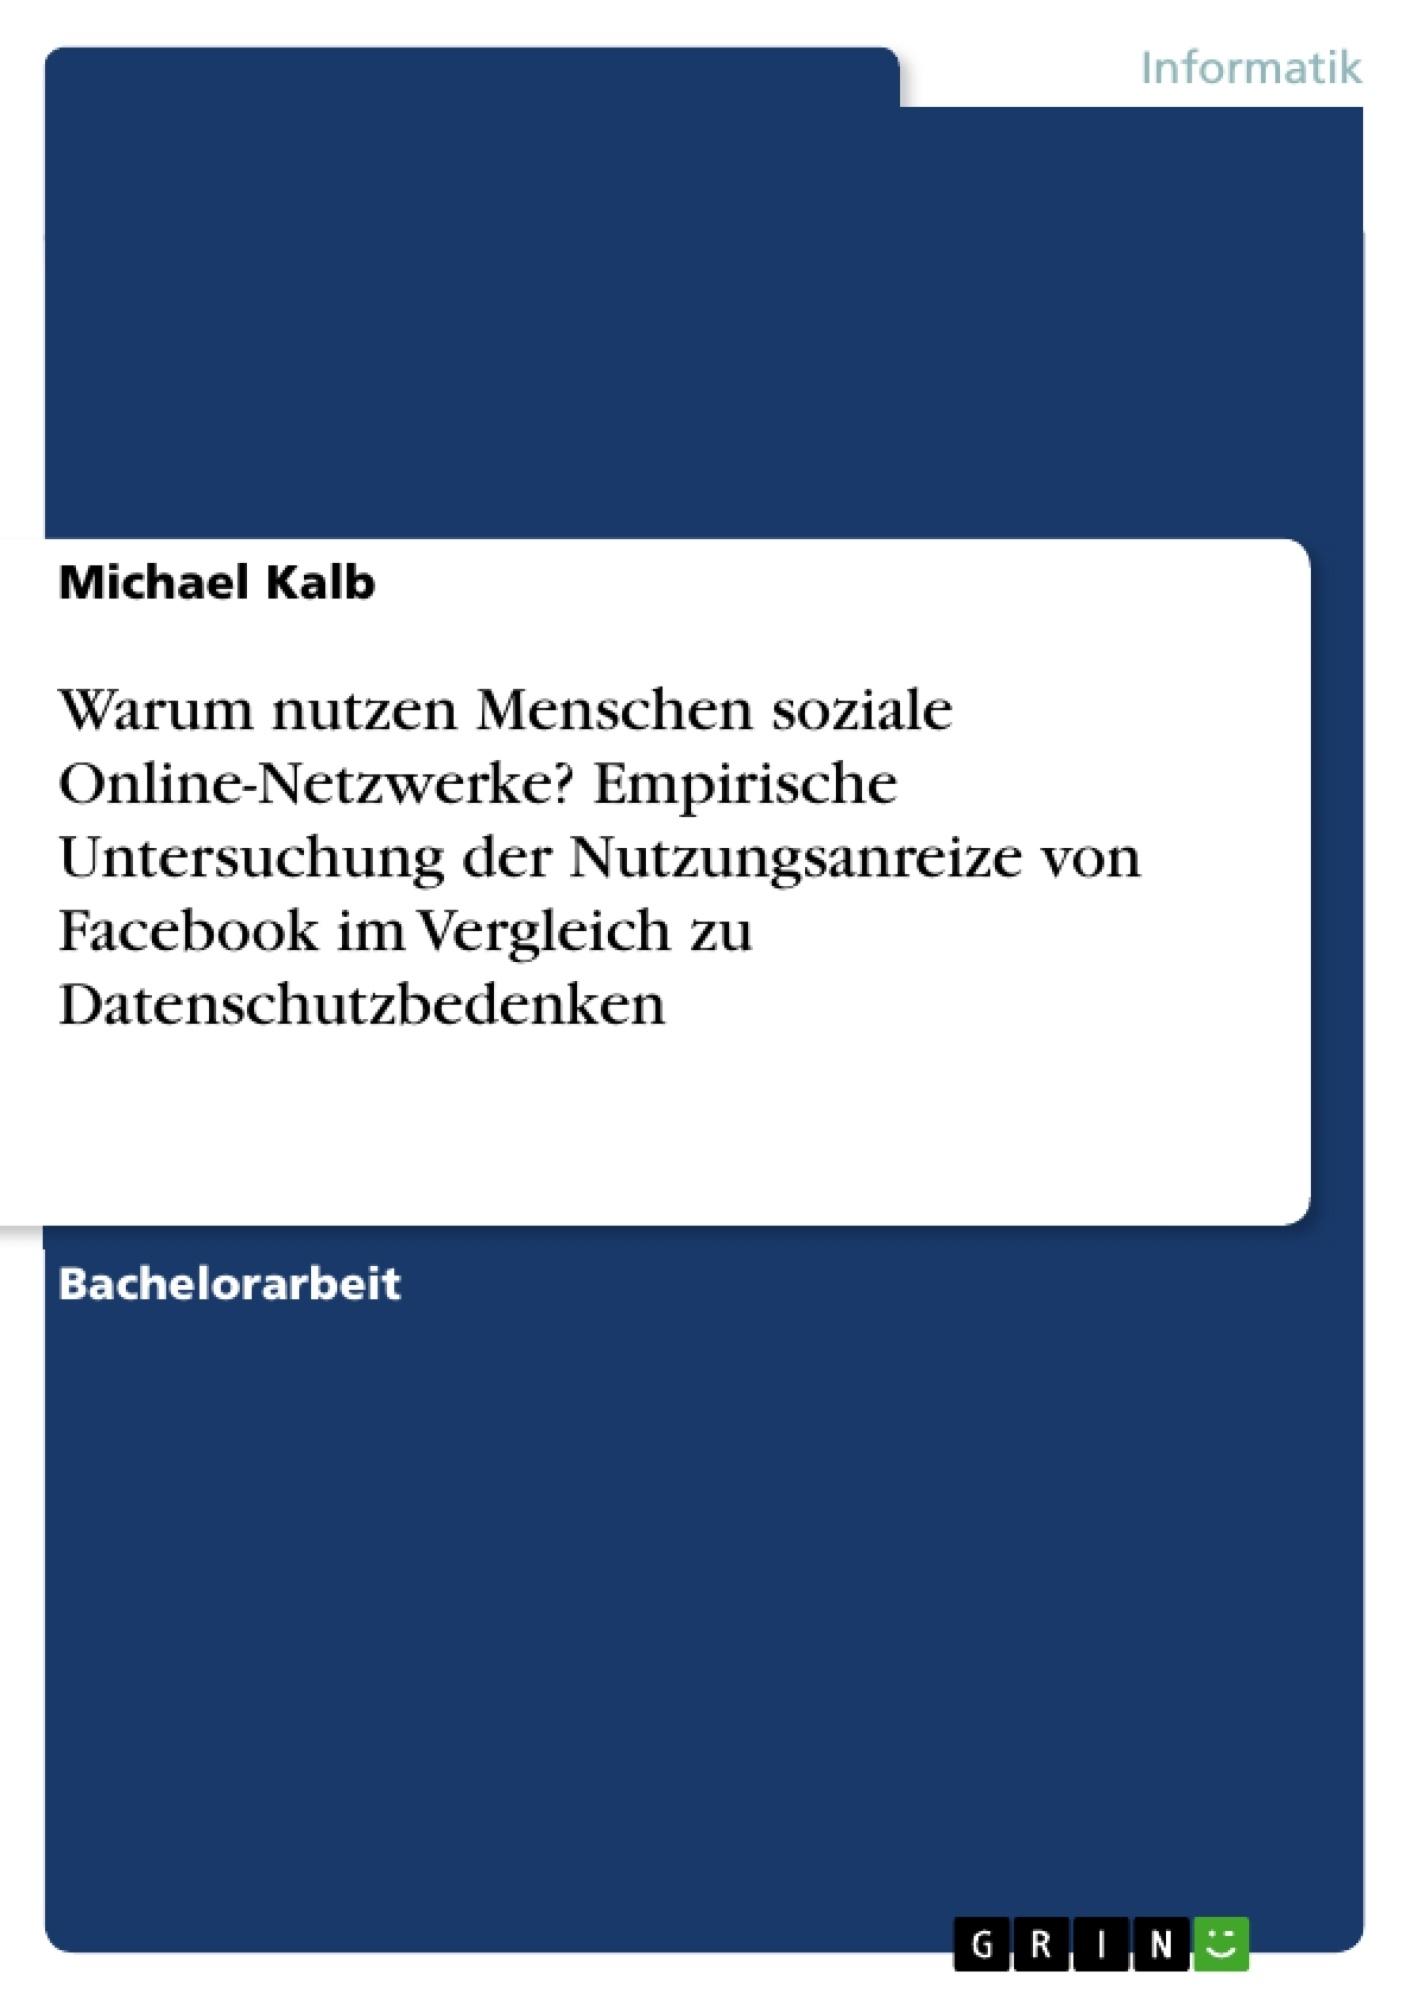 Titel: Warum nutzen Menschen soziale Online-Netzwerke? Empirische Untersuchung der Nutzungsanreize von Facebook im Vergleich zu Datenschutzbedenken